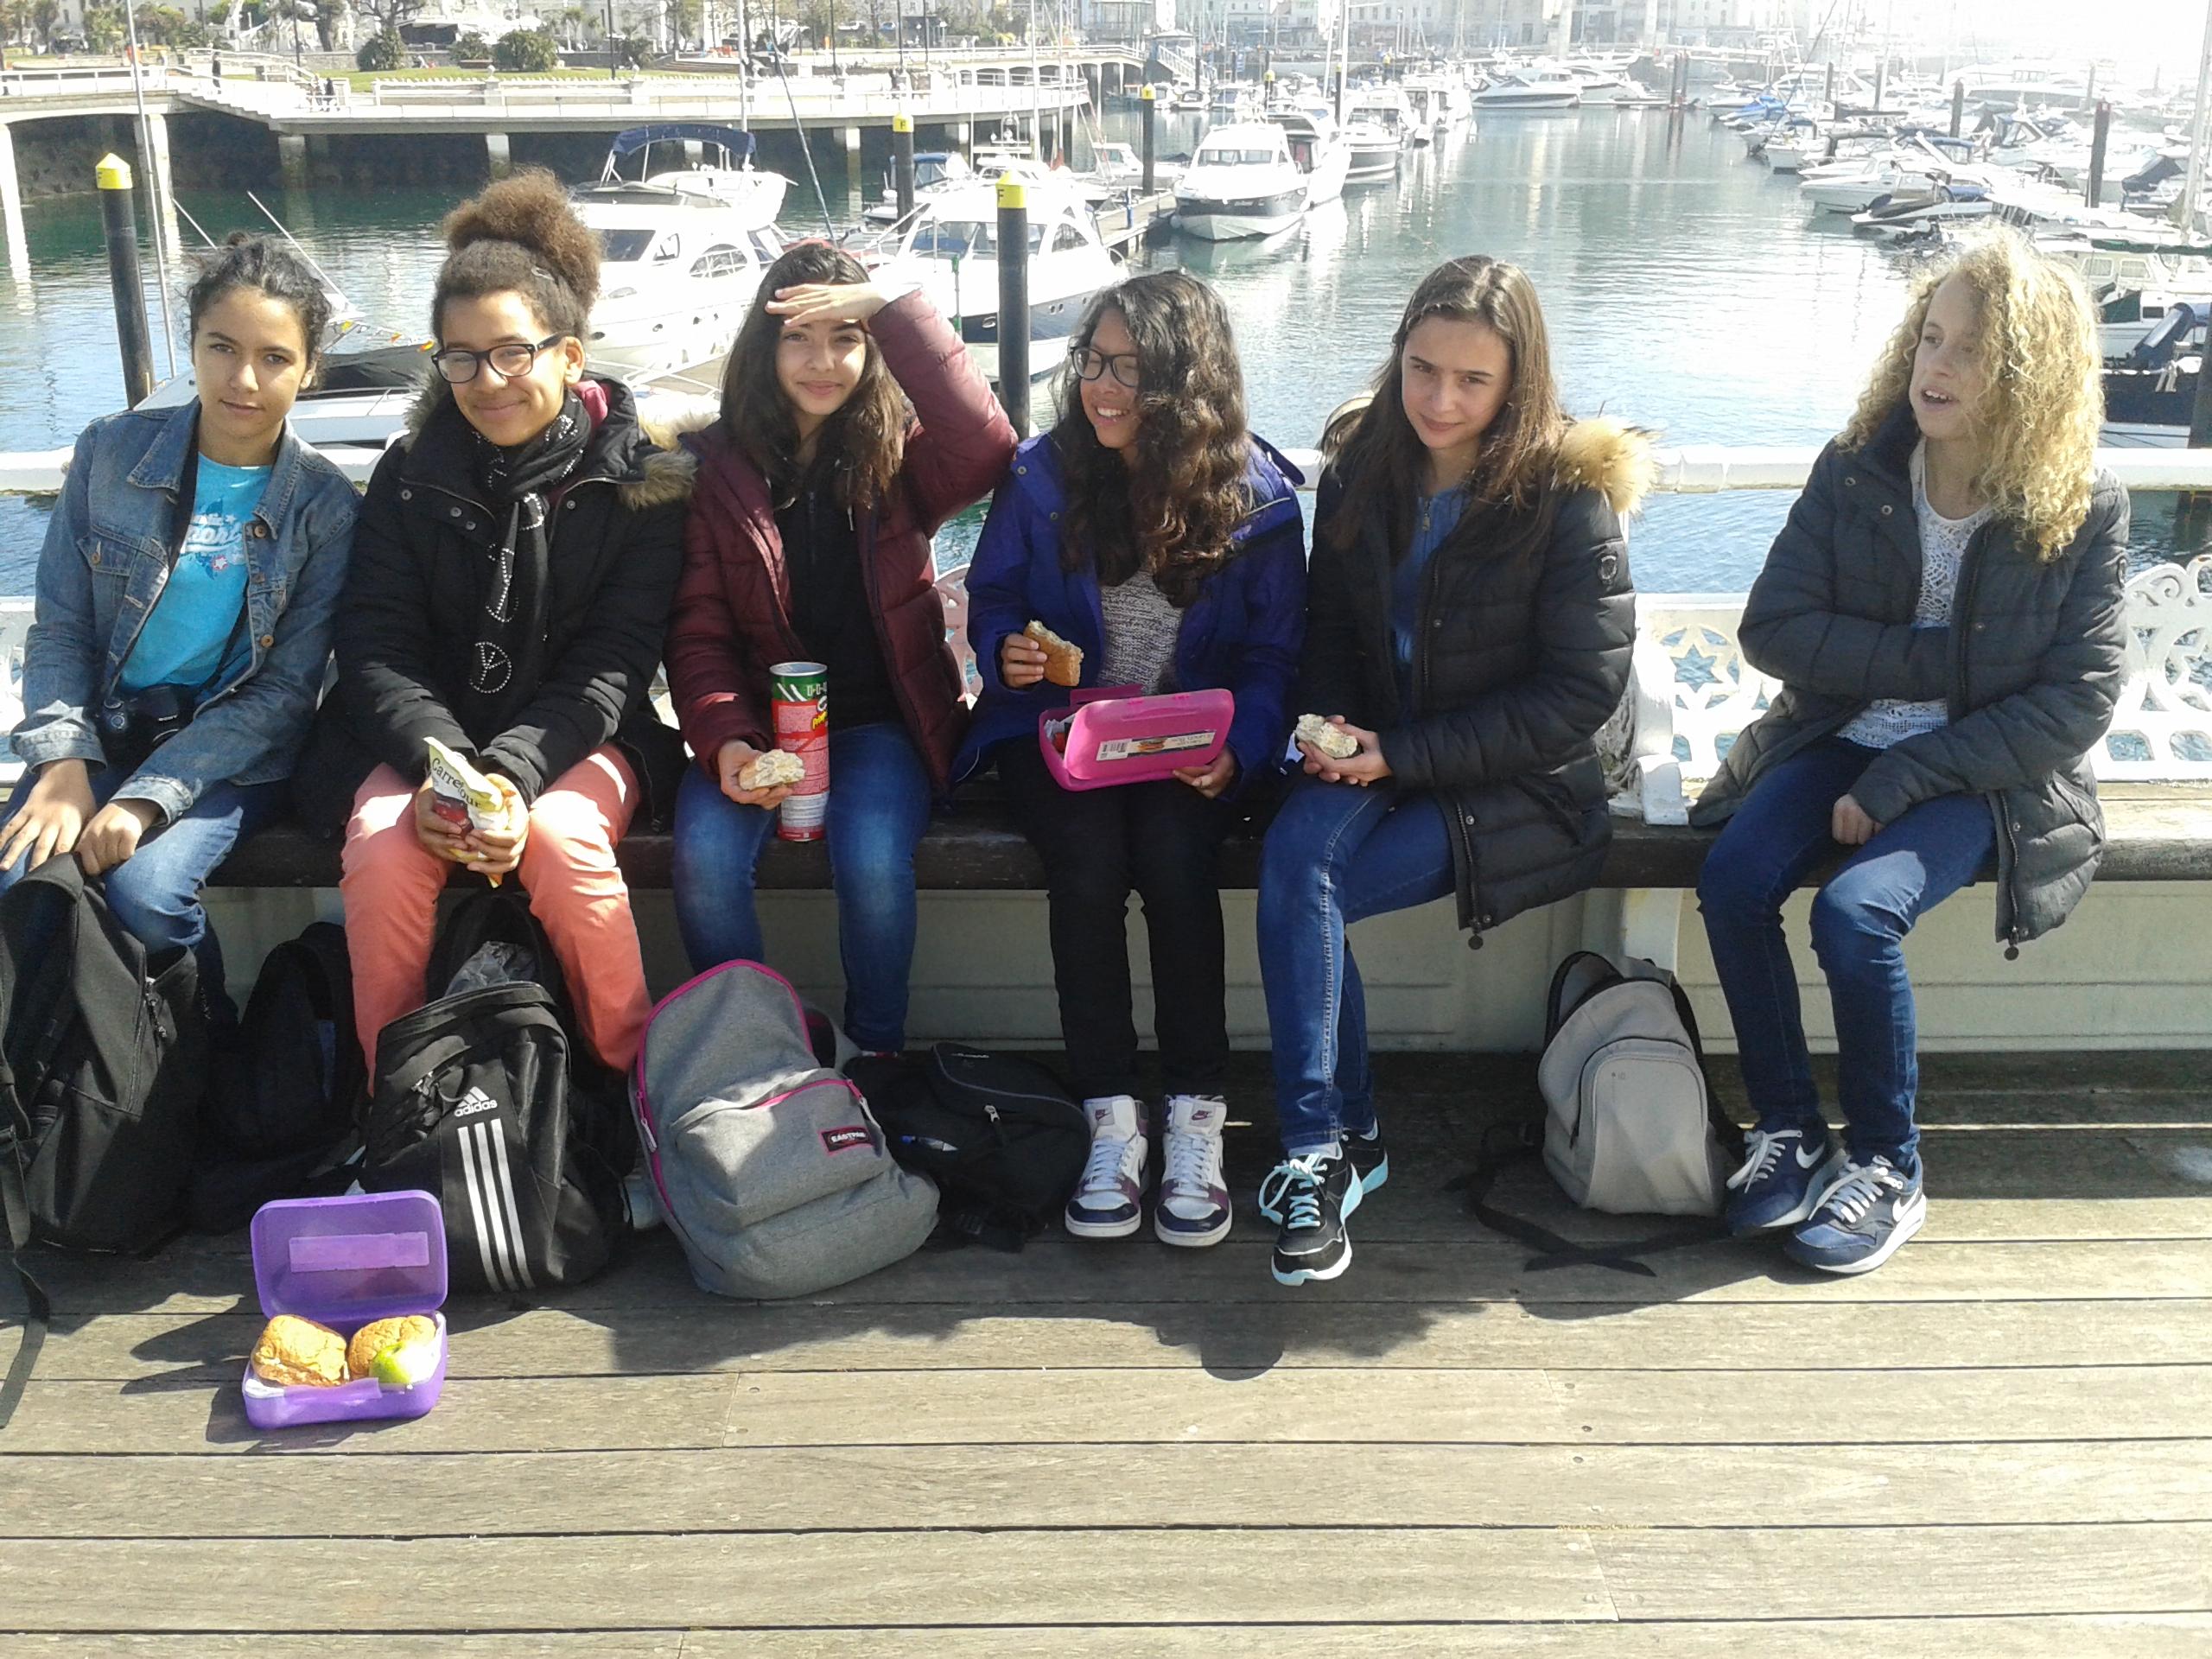 Torquay_Lina,_Emilie,_Maxence,_Lucie,_Amélie,_Juliette.jpg